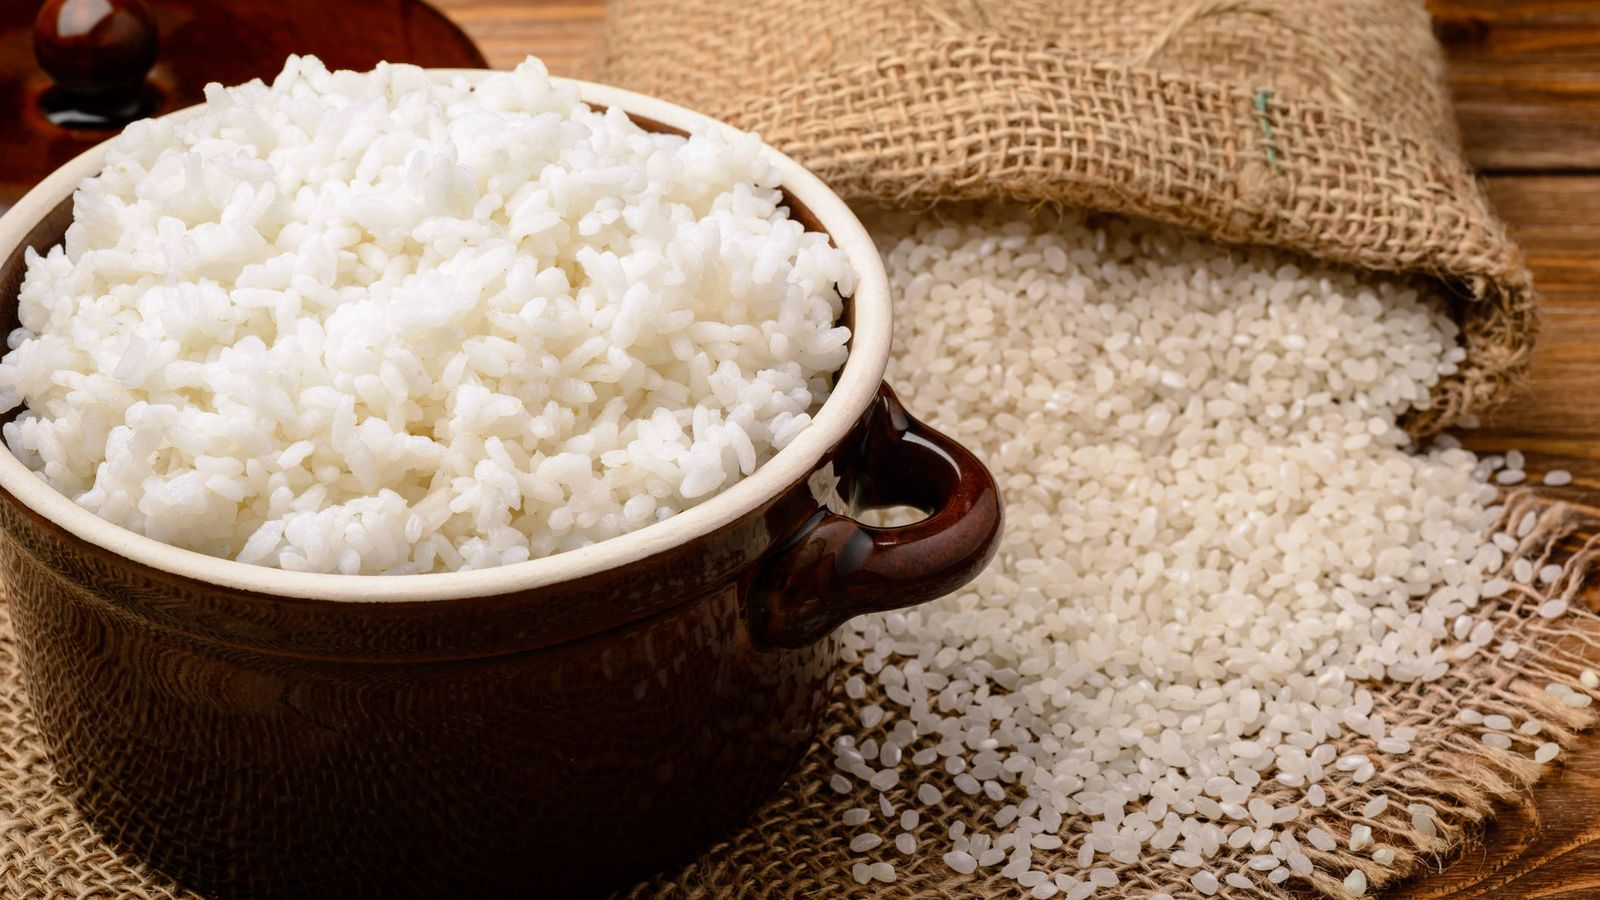 Transferencia de compuestos vegetales del arroz sancochado